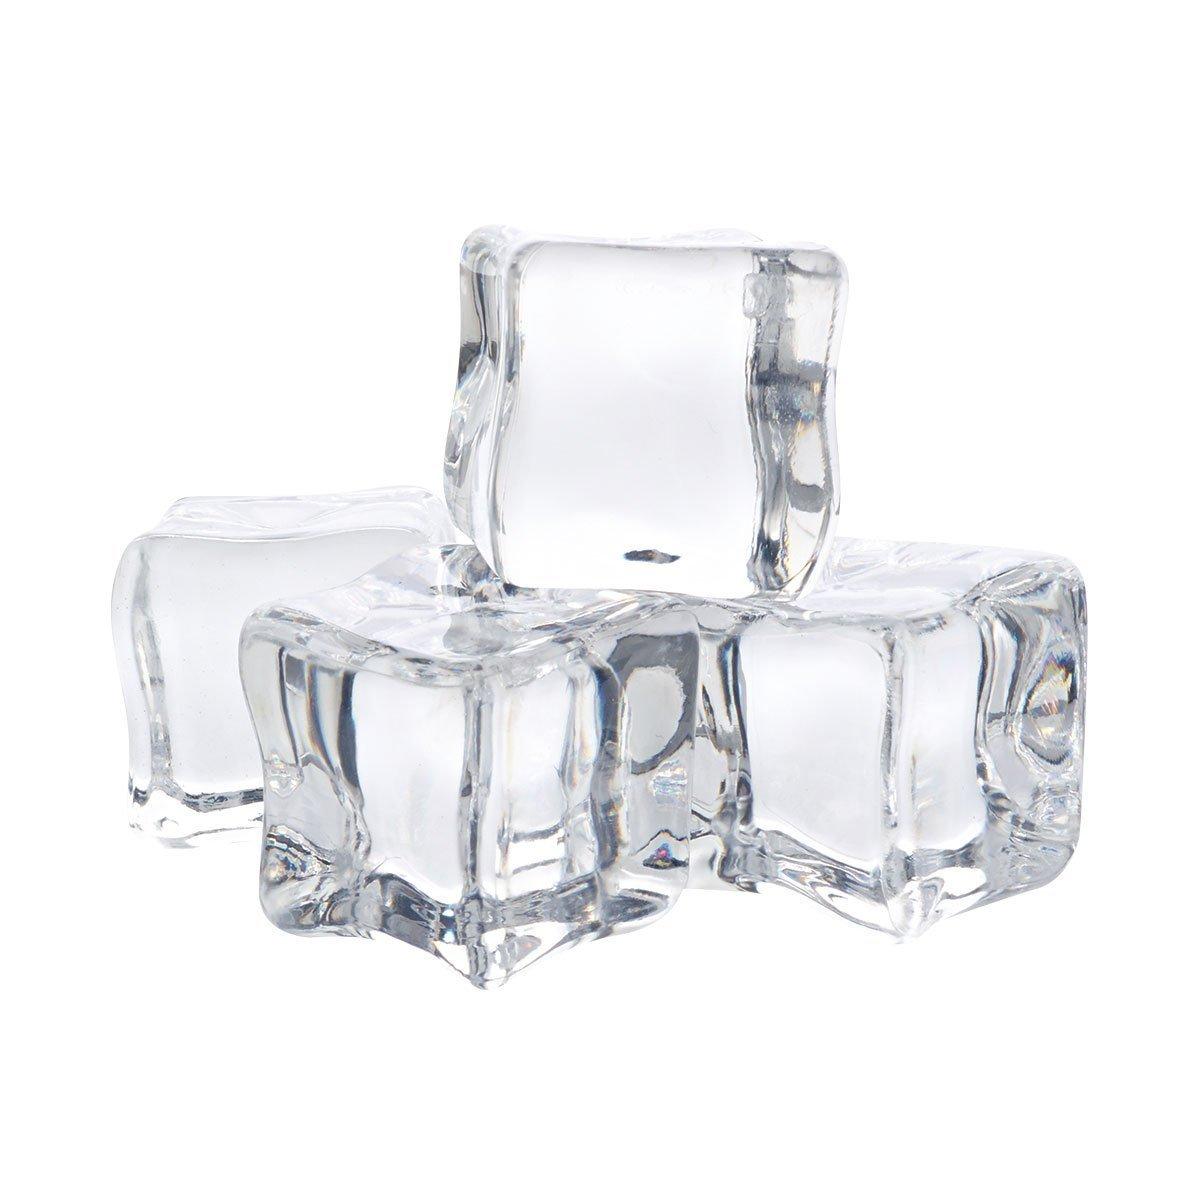 12pcs/3Rock per cubetti di ghiaccio in acrilico trasparente vaso come decorazione tavola lansue